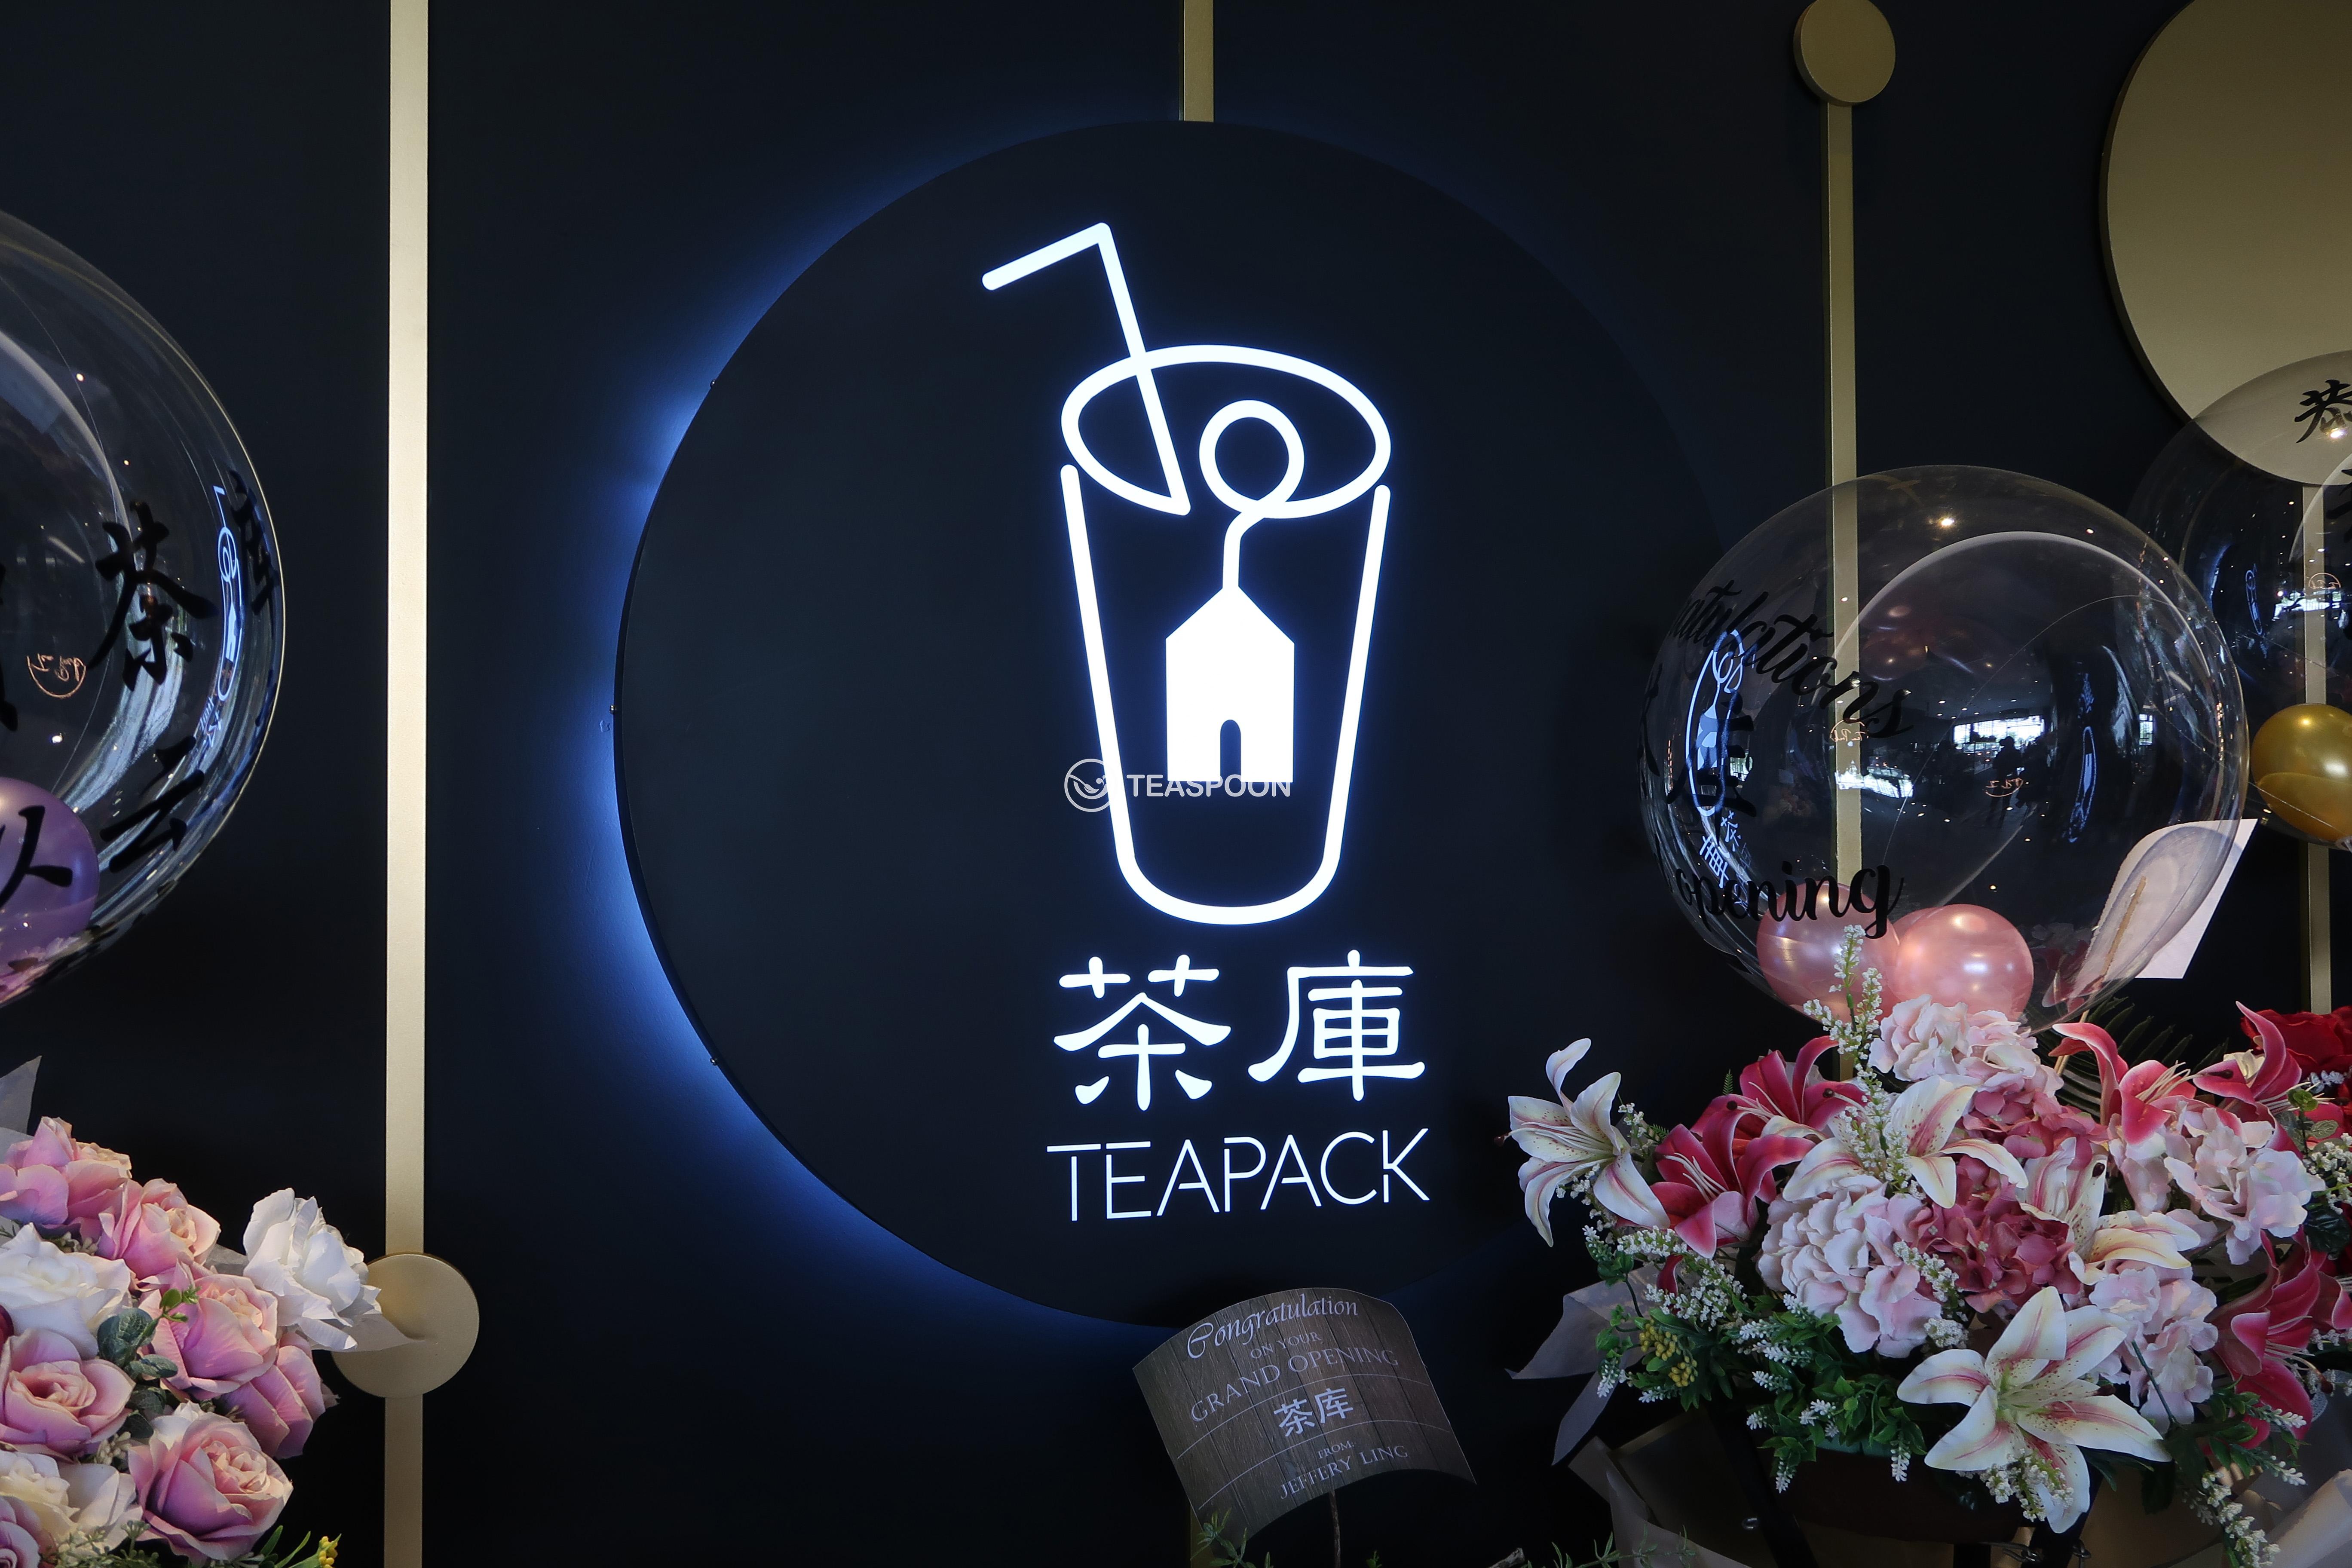 Teapack (1)